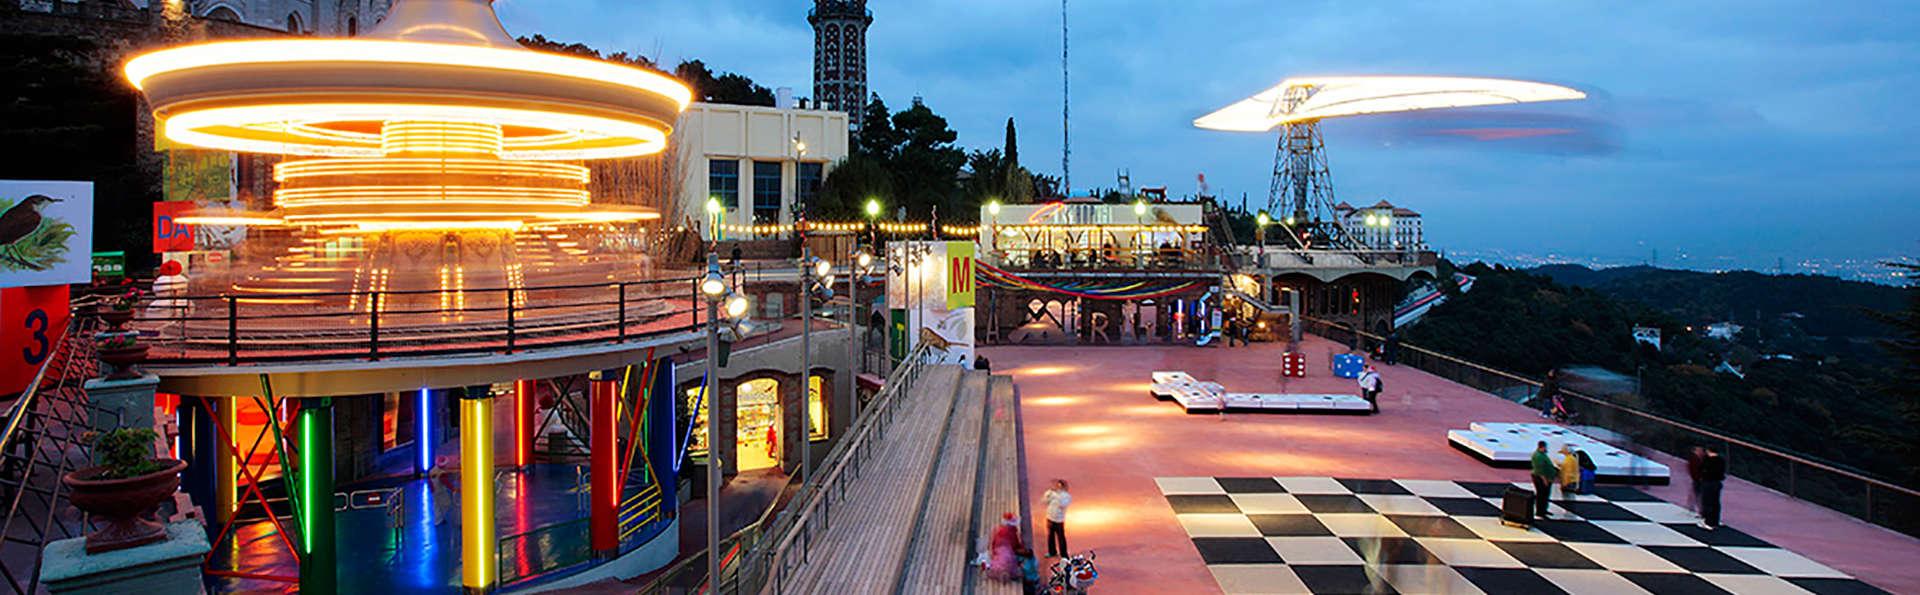 Descubre Barcelona y uno de sus lugares emblemáticos, el Tibidabo